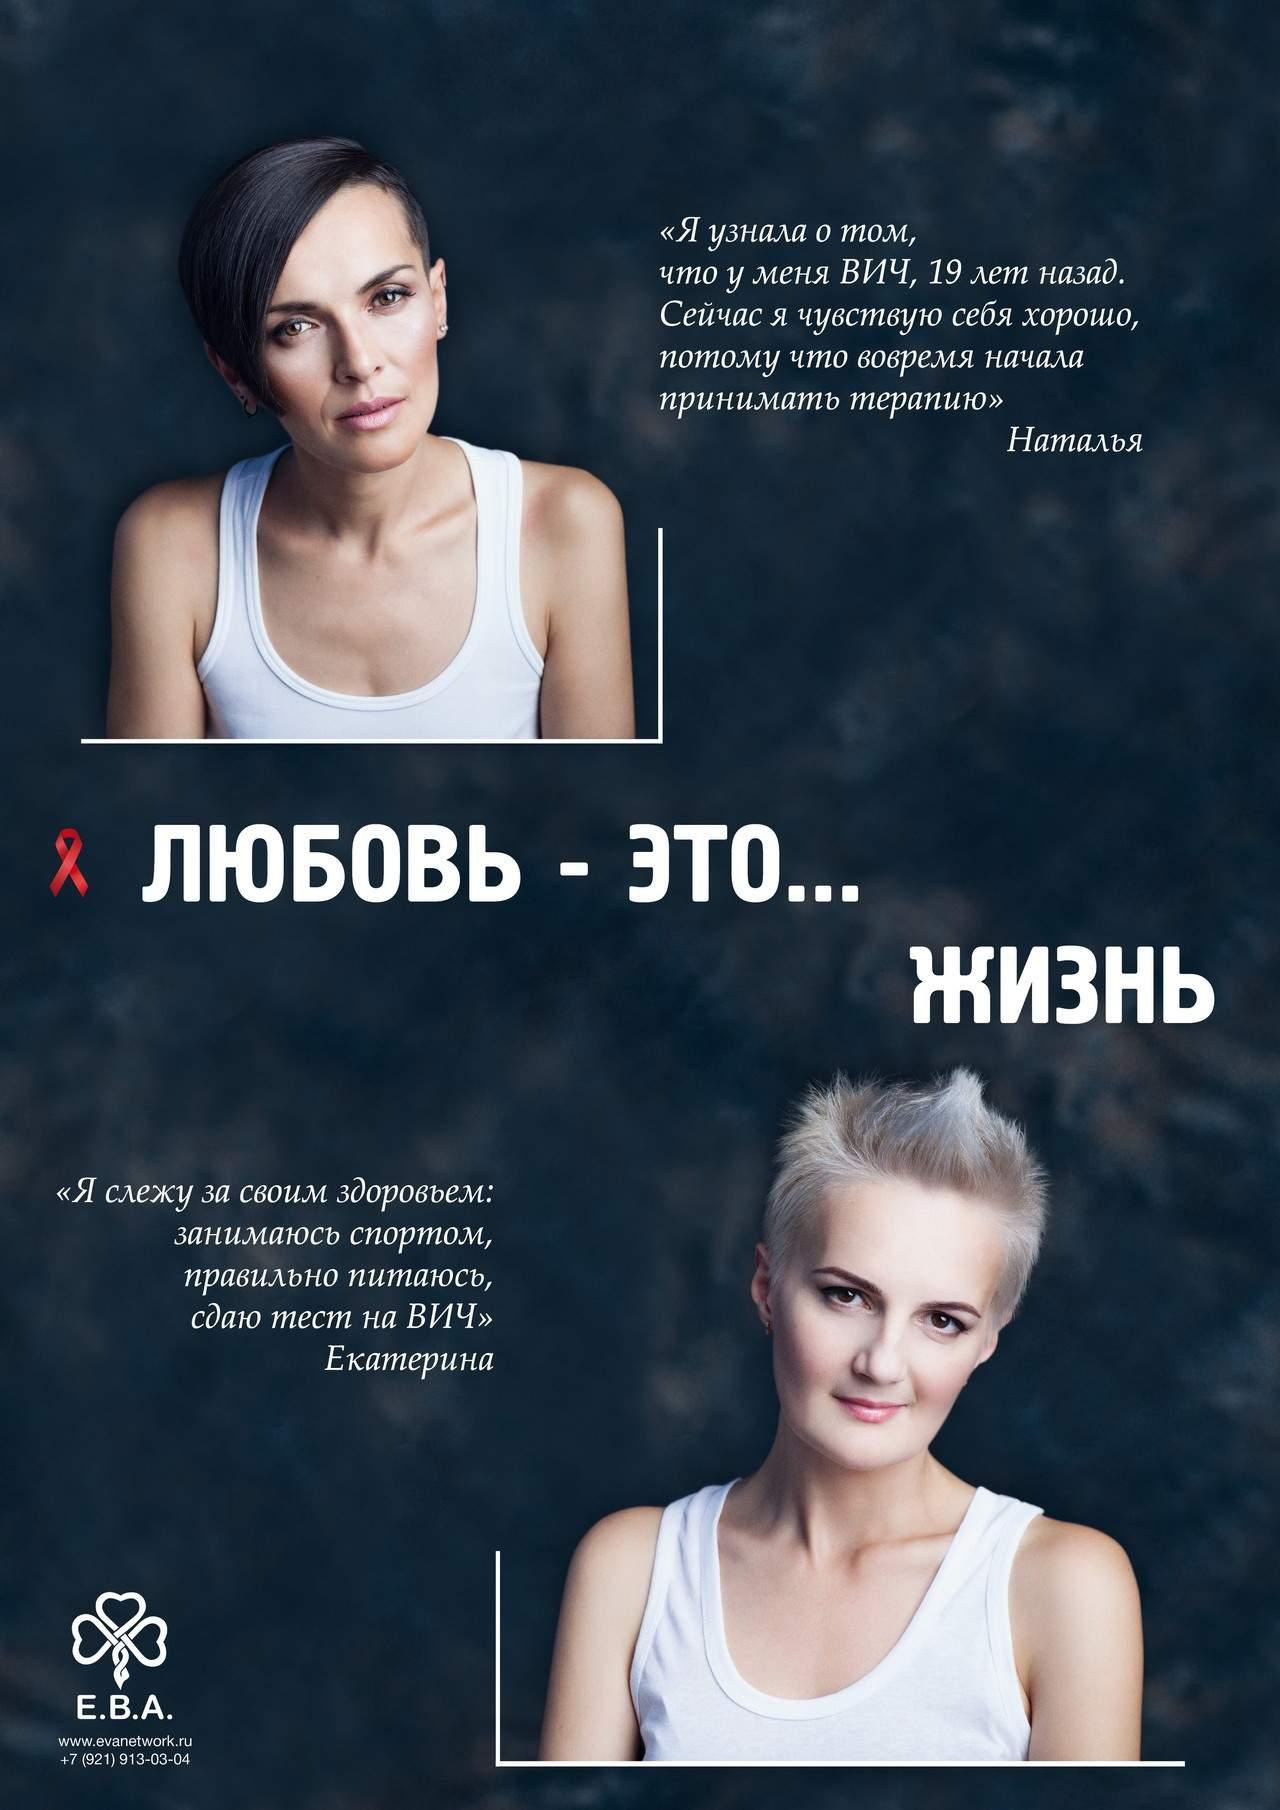 женщины вич здоровье